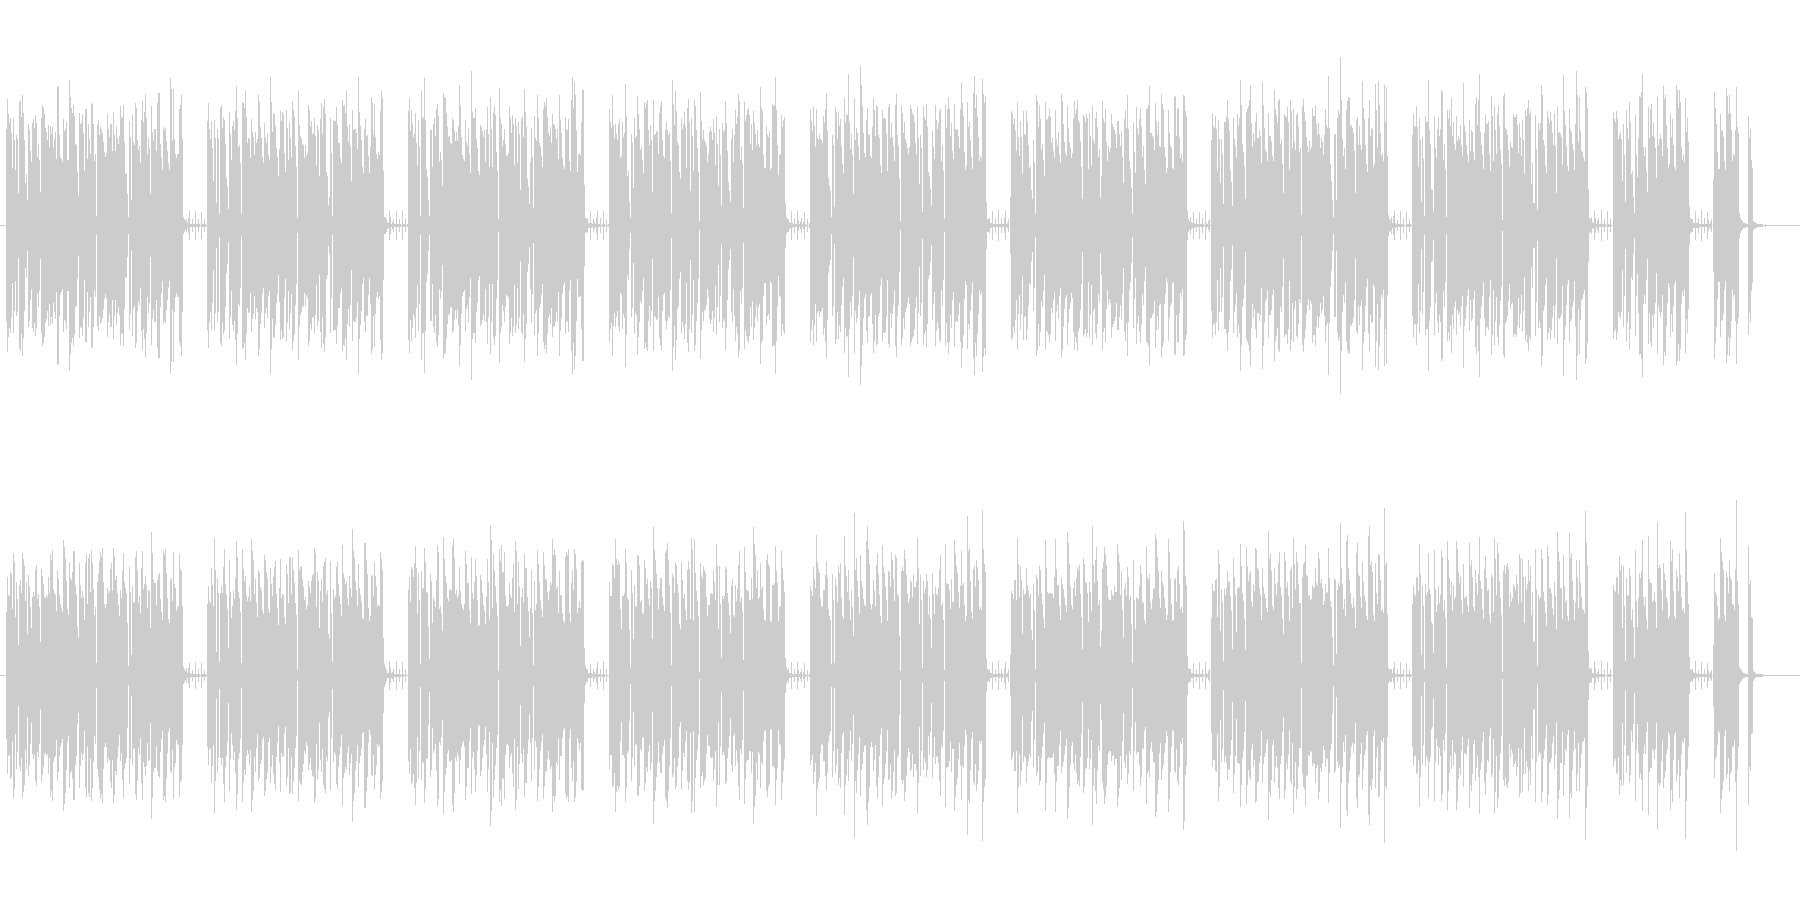 コミカルでエレクトロなゲームBGMの未再生の波形